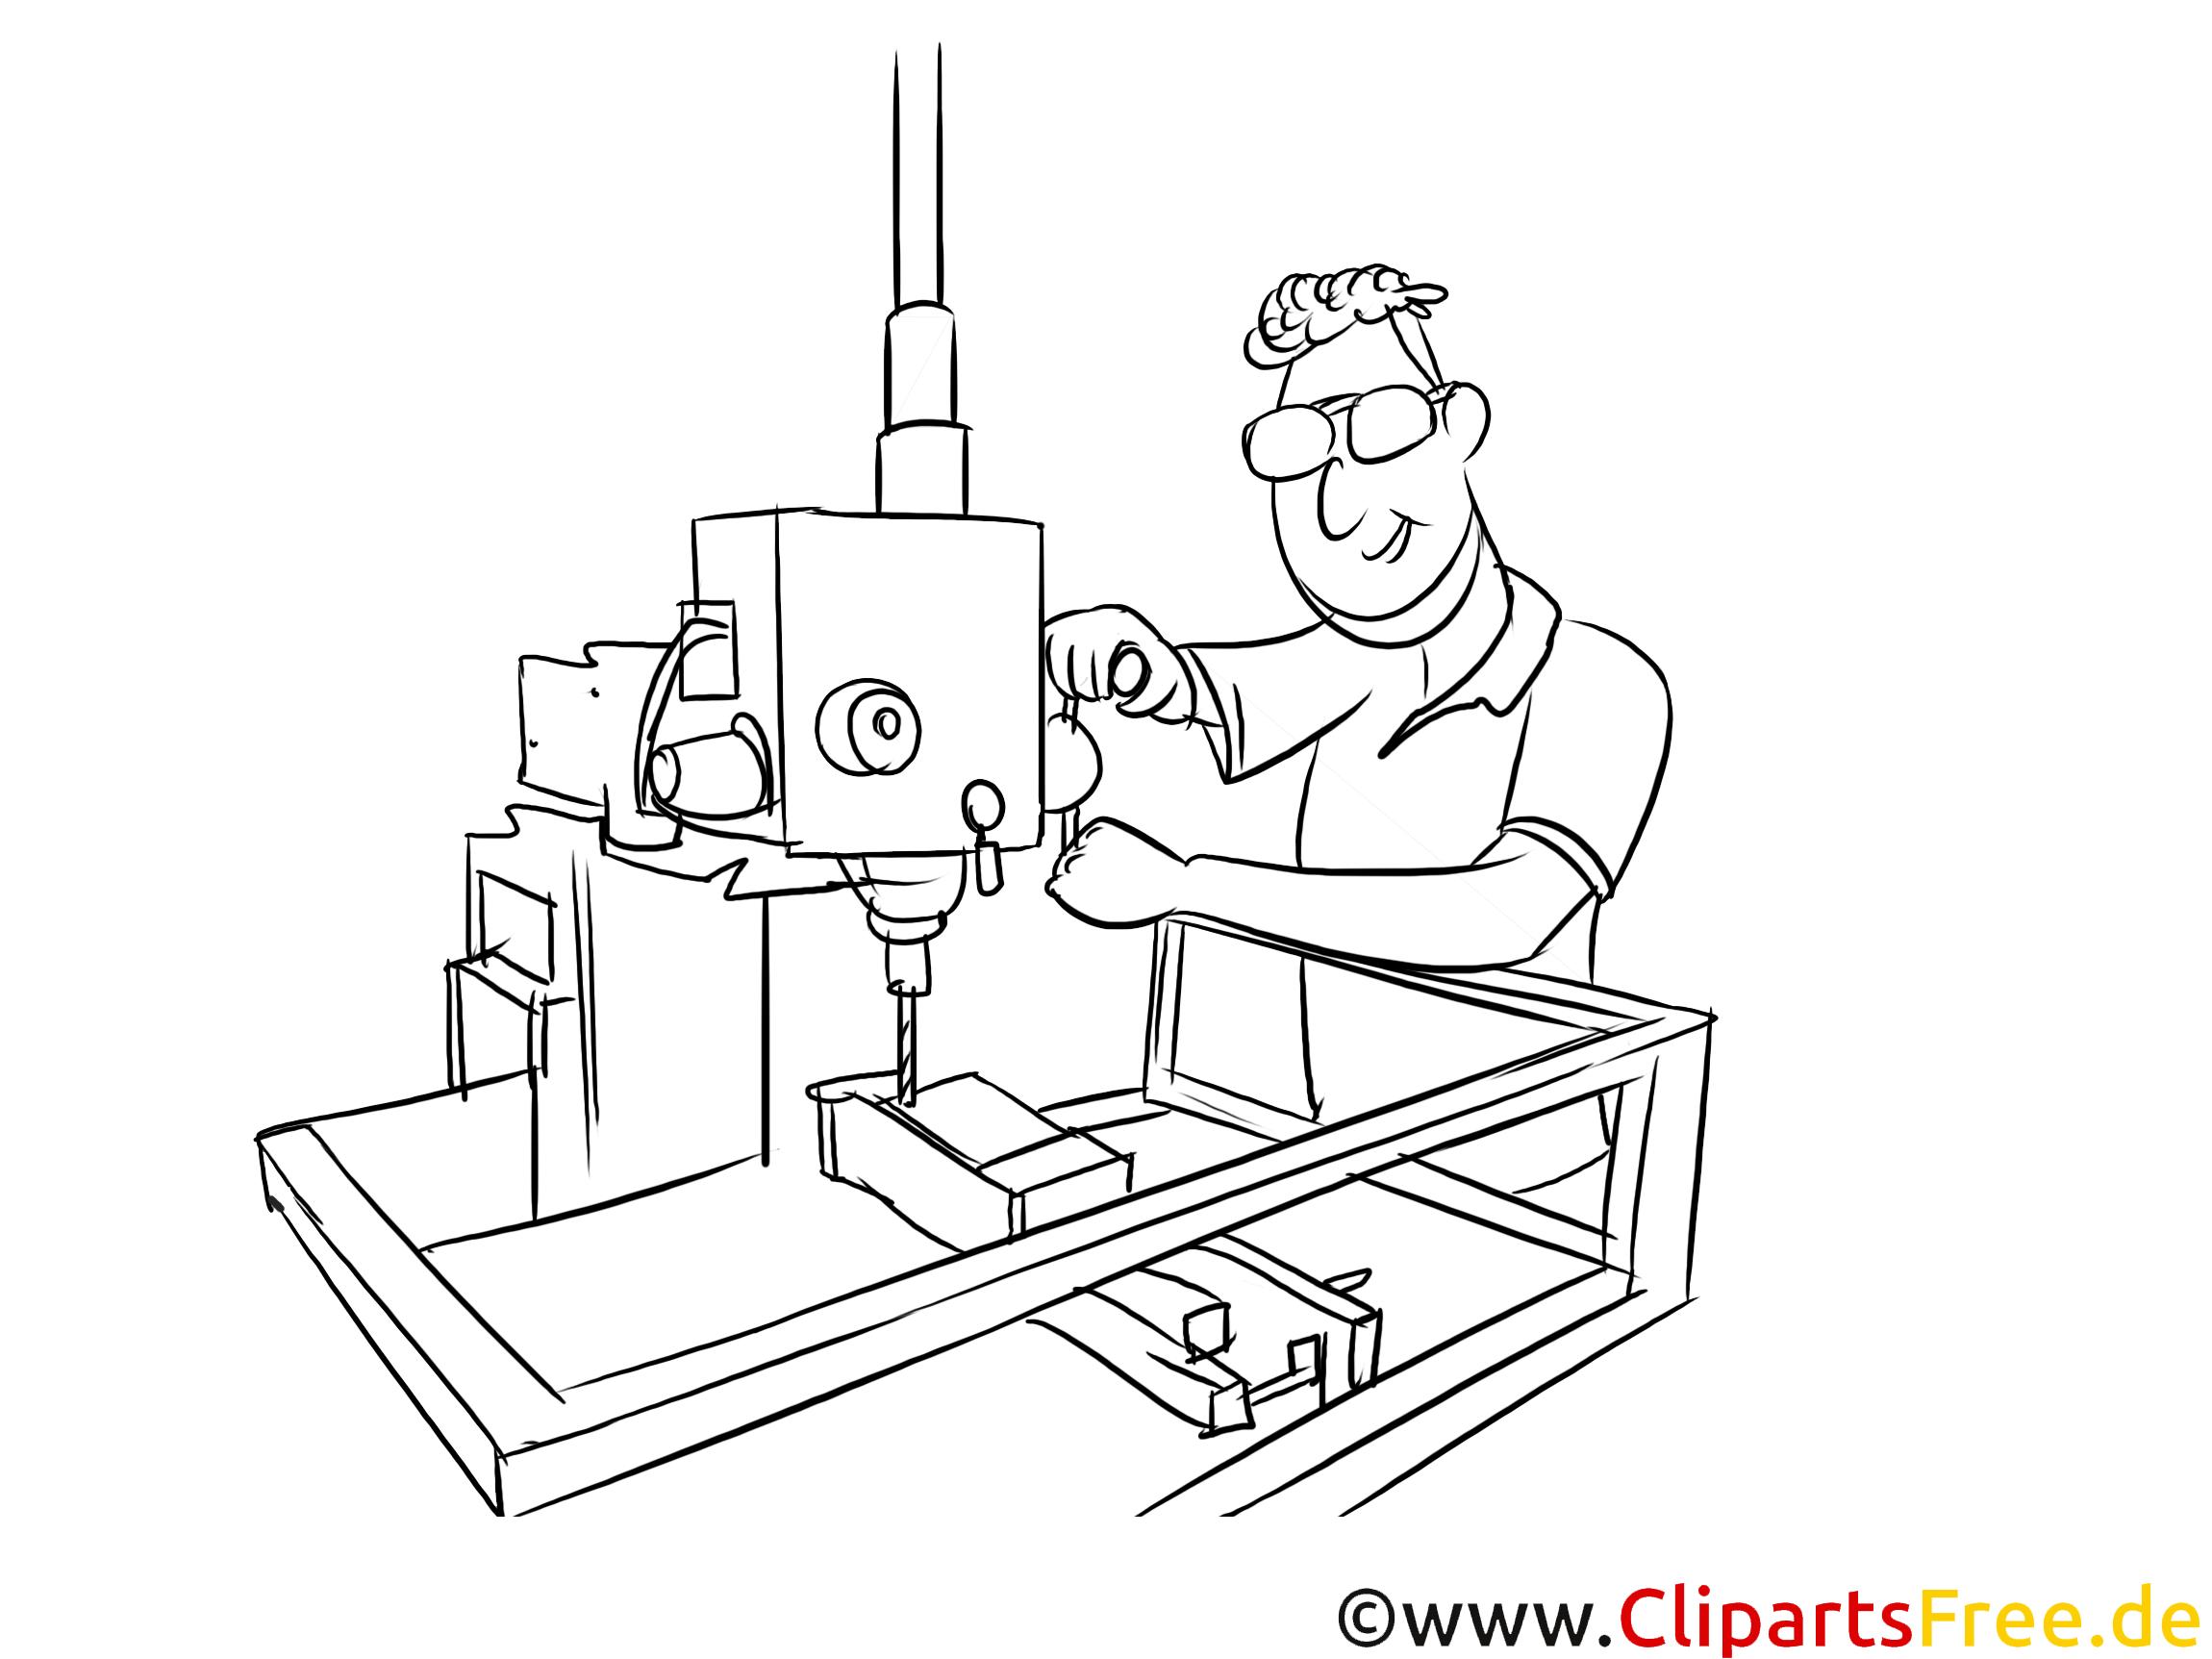 Produktionstechnologe schwarz-weiße Cliparts, Bilder, Grafiken